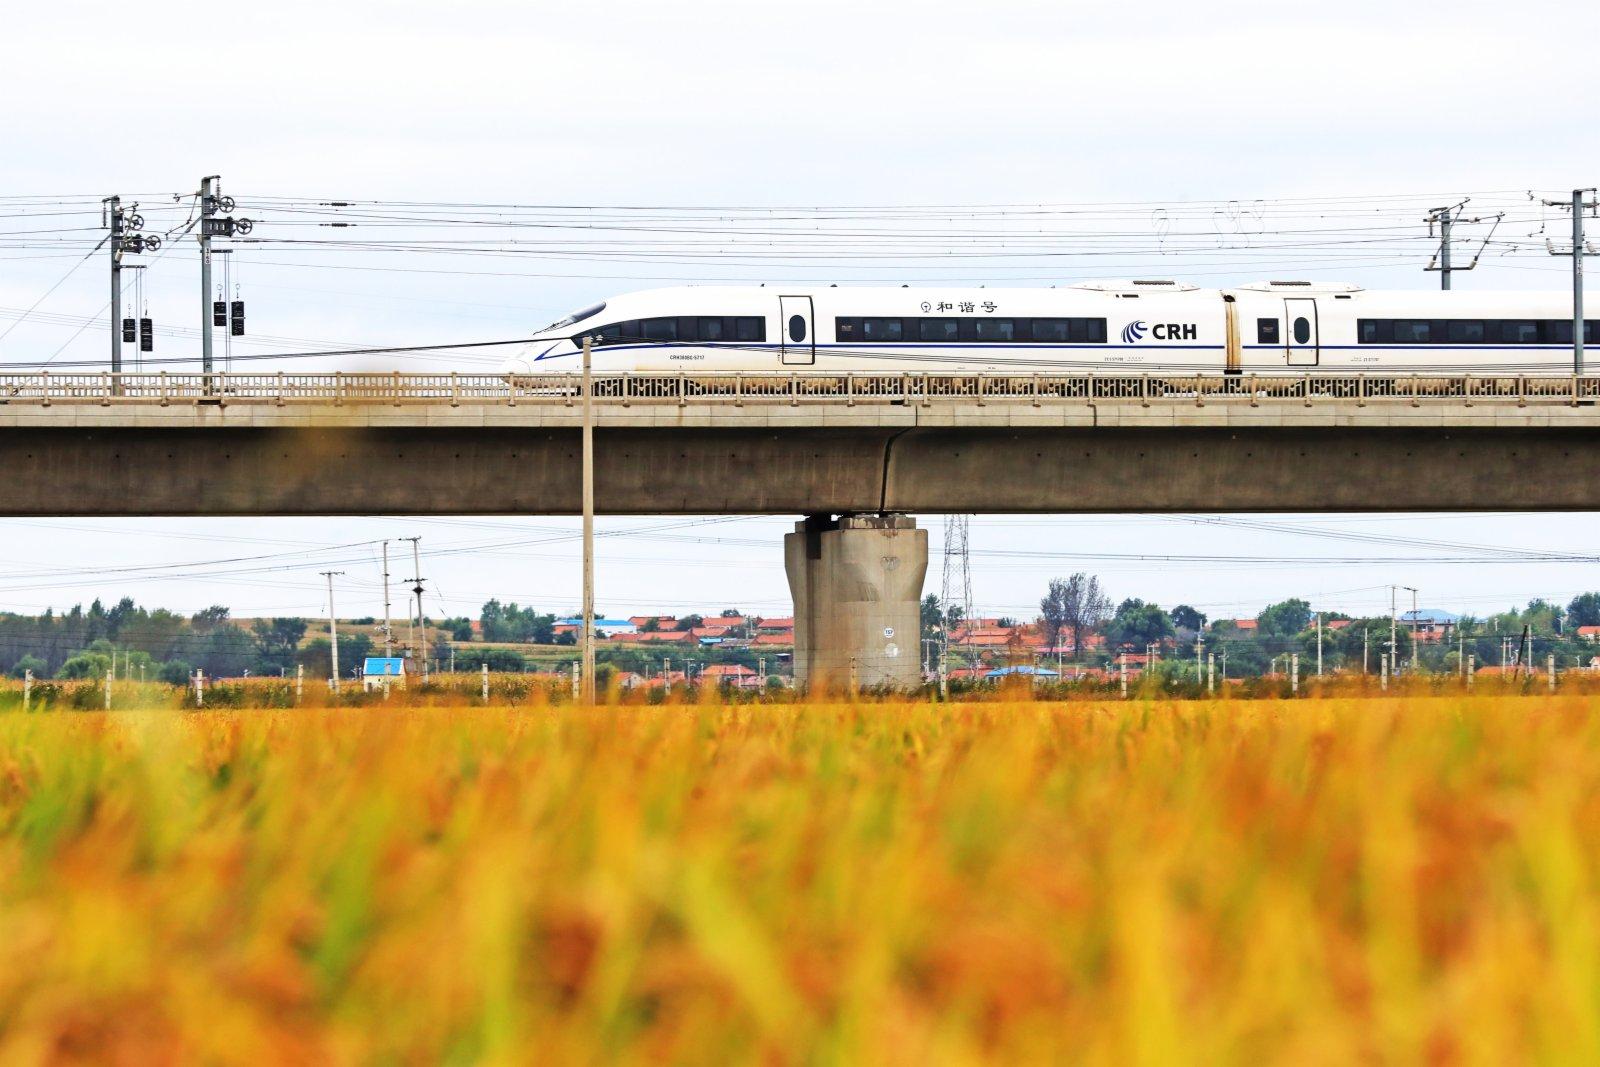 9月22日,在遼寧省鐵嶺縣腰堡鎮,高鐵列車從金色的稻田旁經過。(新華社)